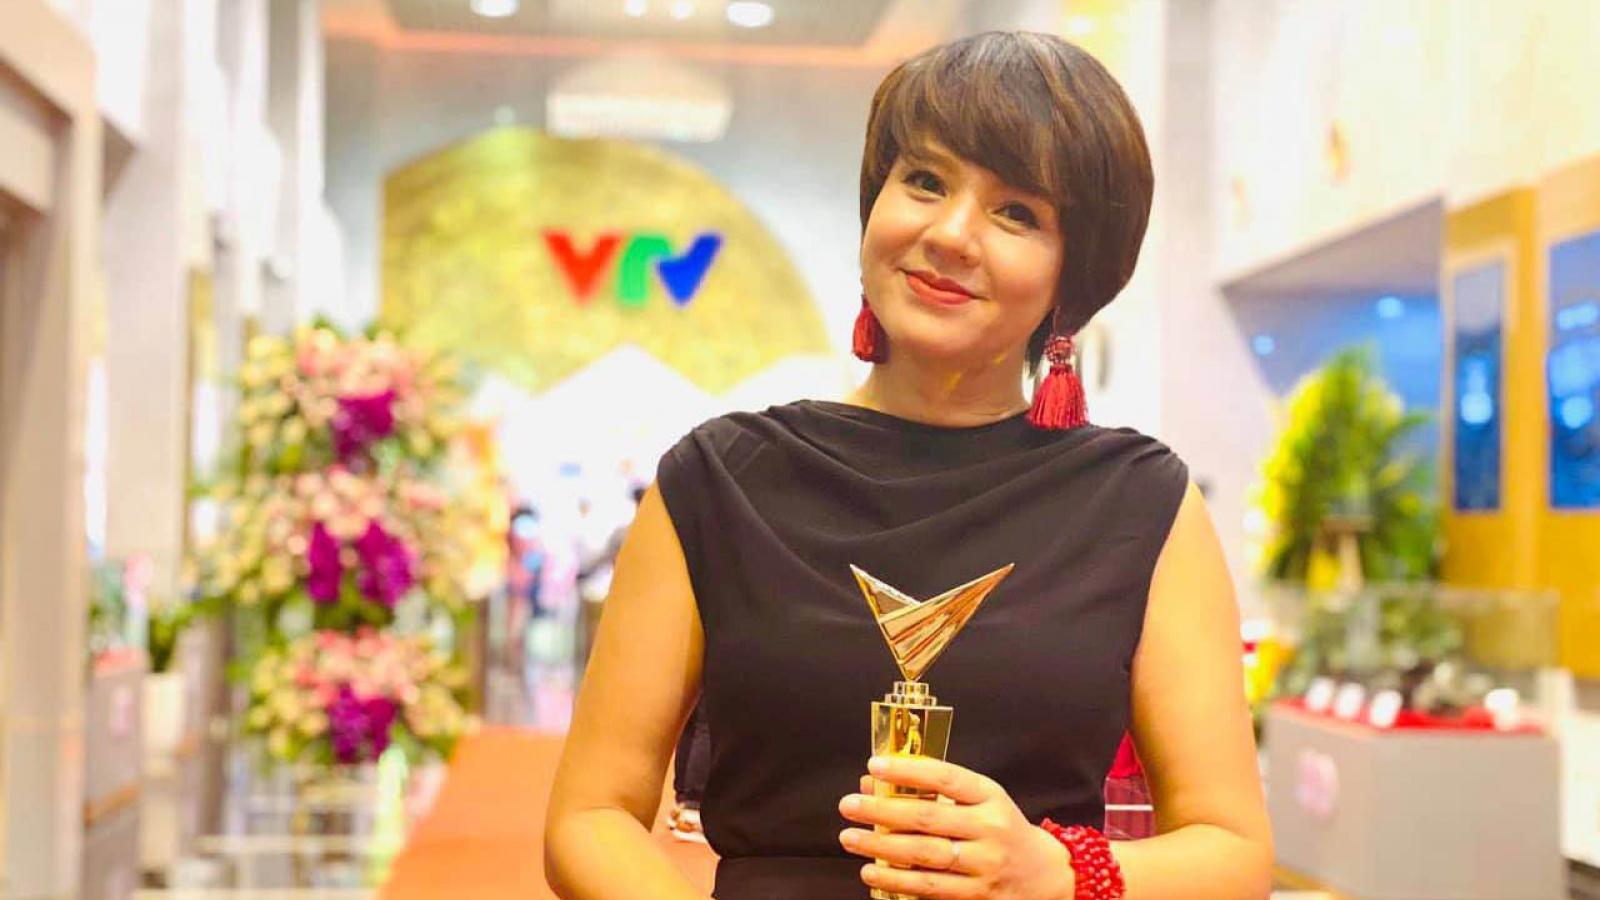 Nhà báo Diễm Quỳnh được bổ nhiệm làm Giám đốc Trung tâm Sản xuất phim truyền hình